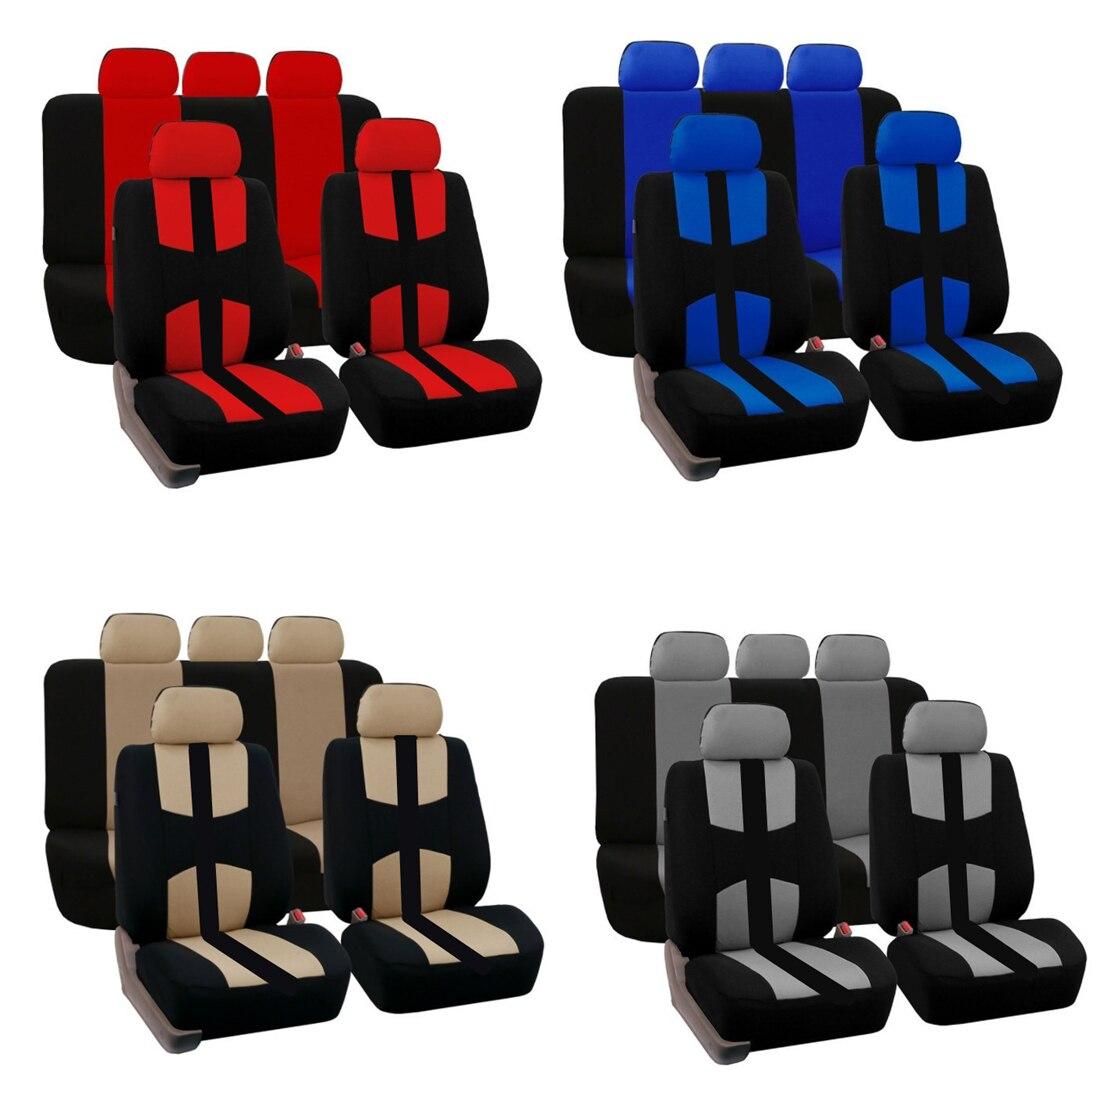 Dewtreetali 4pcs 9pcs Full Car Seat Cover Automobiles Seat Covers Protector font b Interior b font